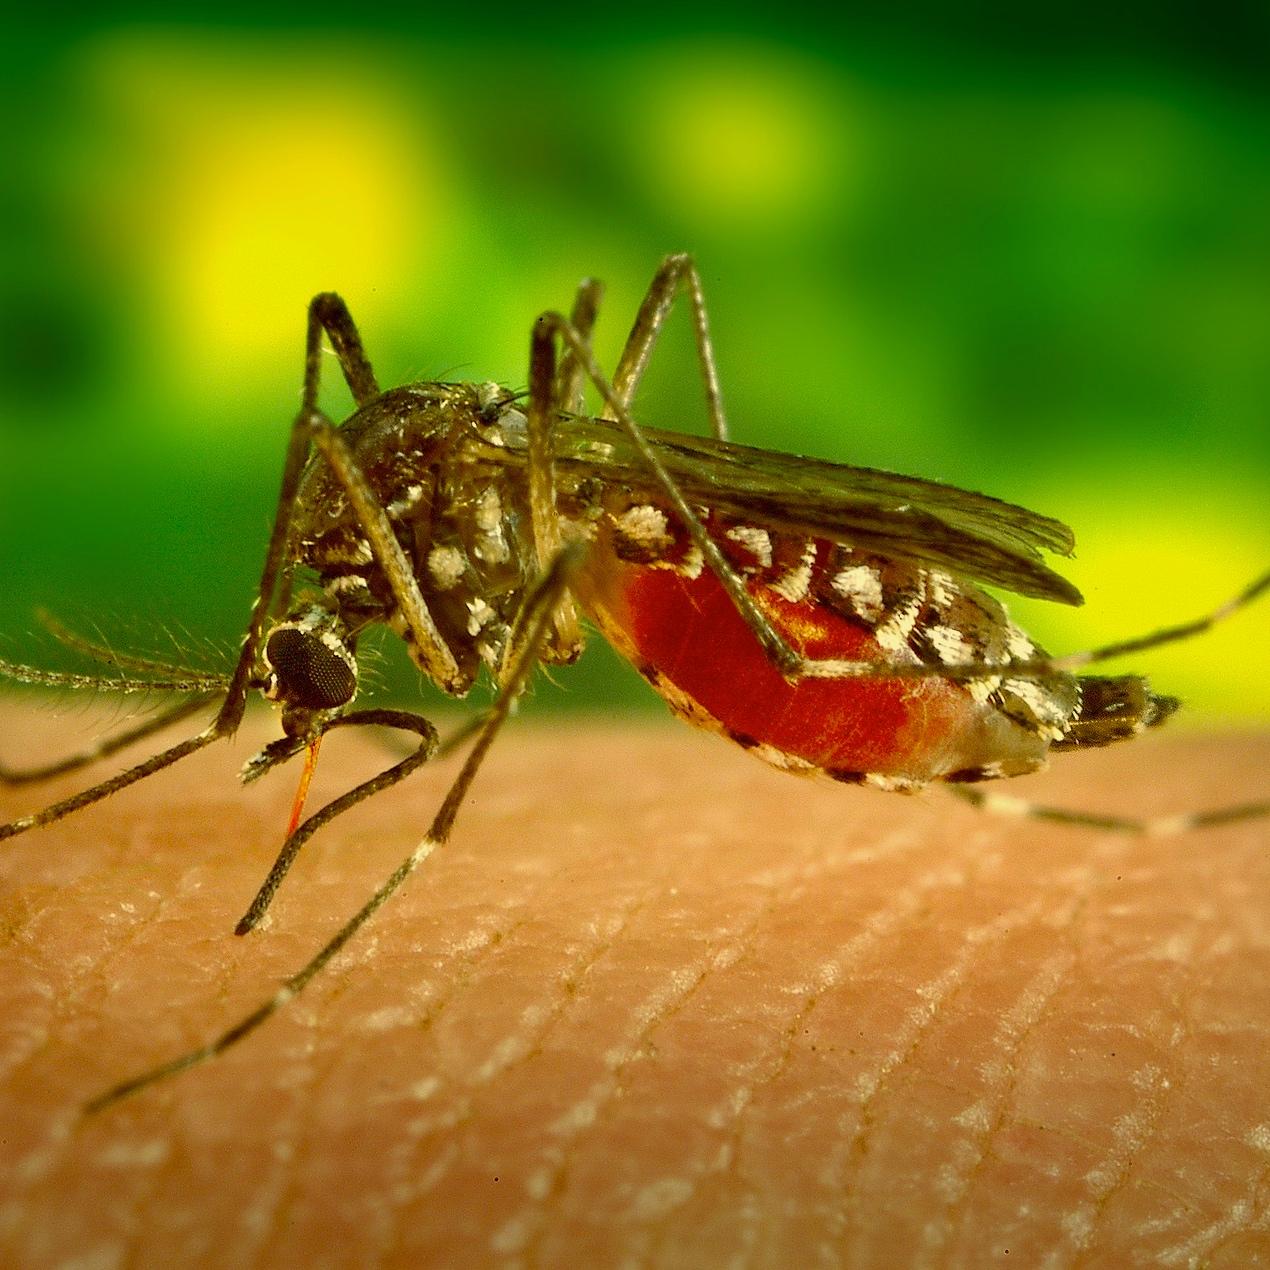 mosquito-542156_1920.jpg